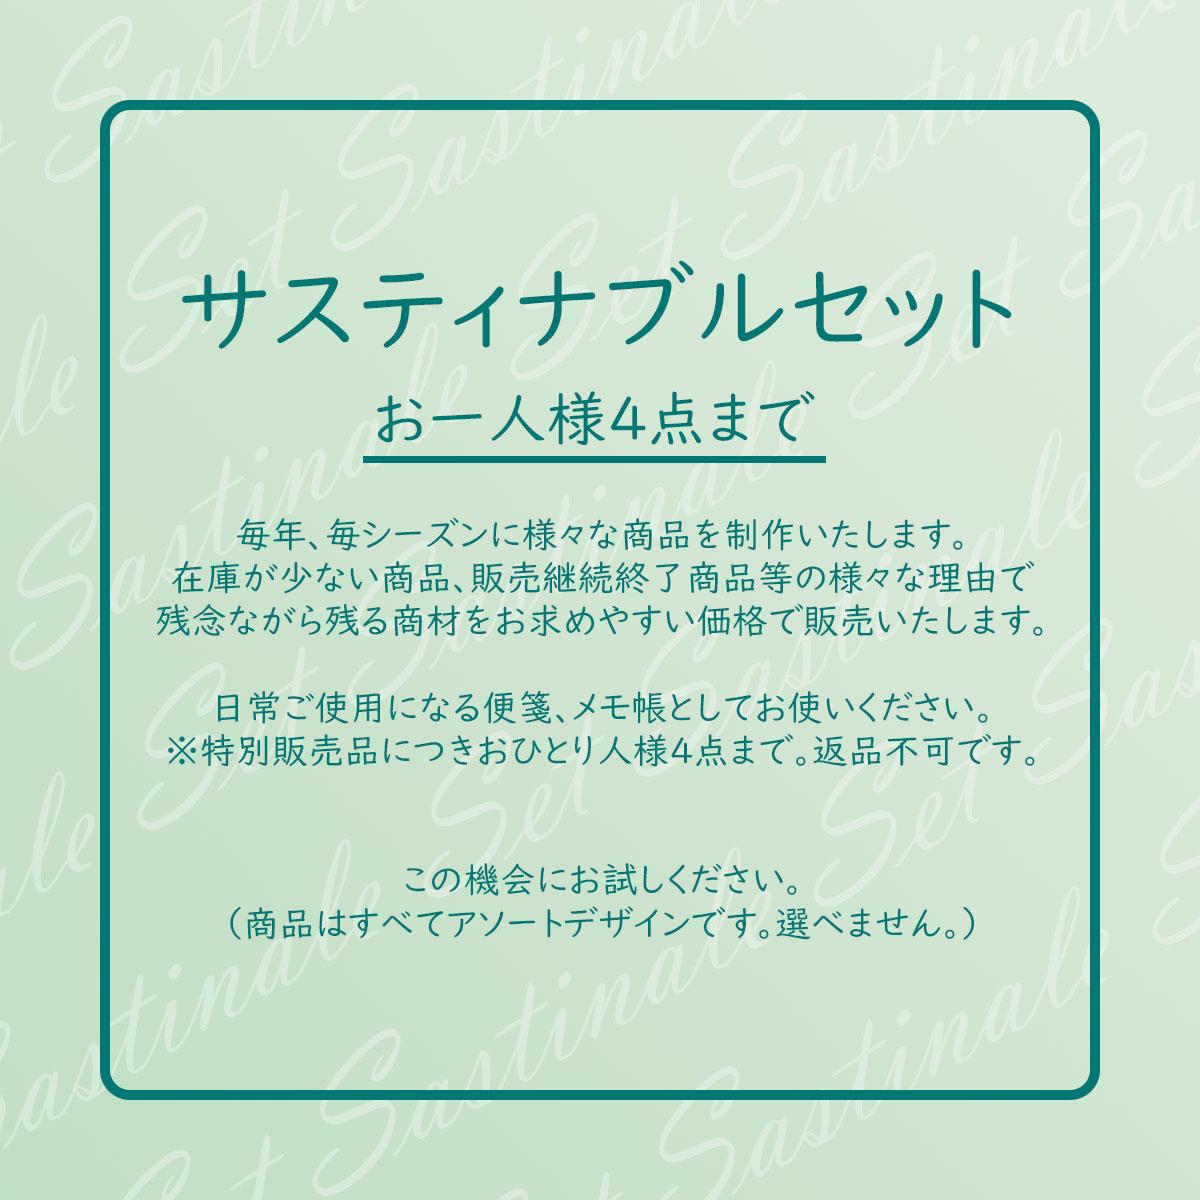 バリューパック便箋セット | vp-021